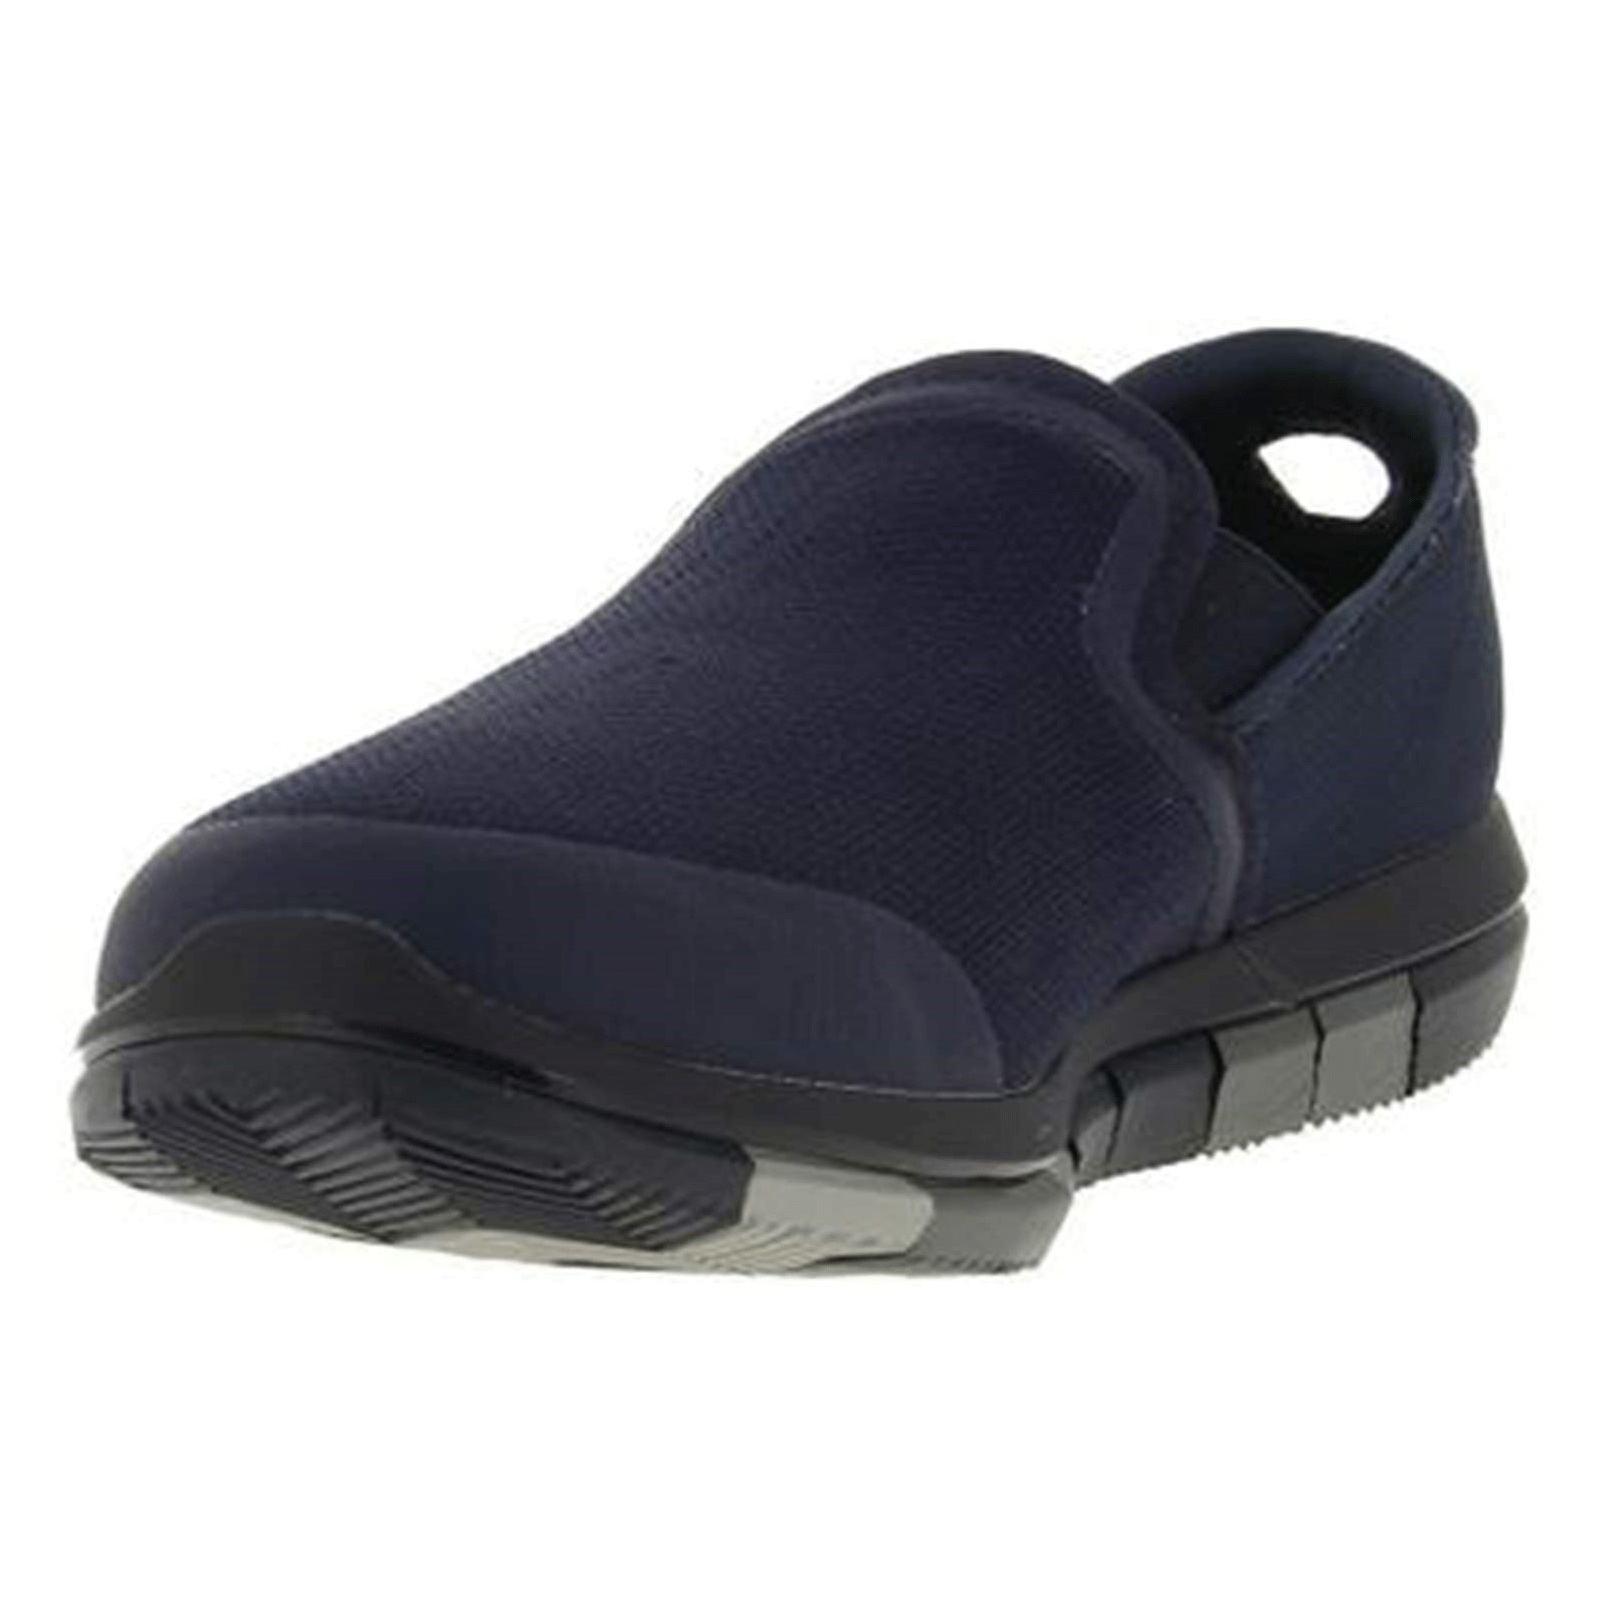 کفش پیاده روی پارچه ای مردانه GO FLEX Walk - اسکچرز - سرمه اي - 3